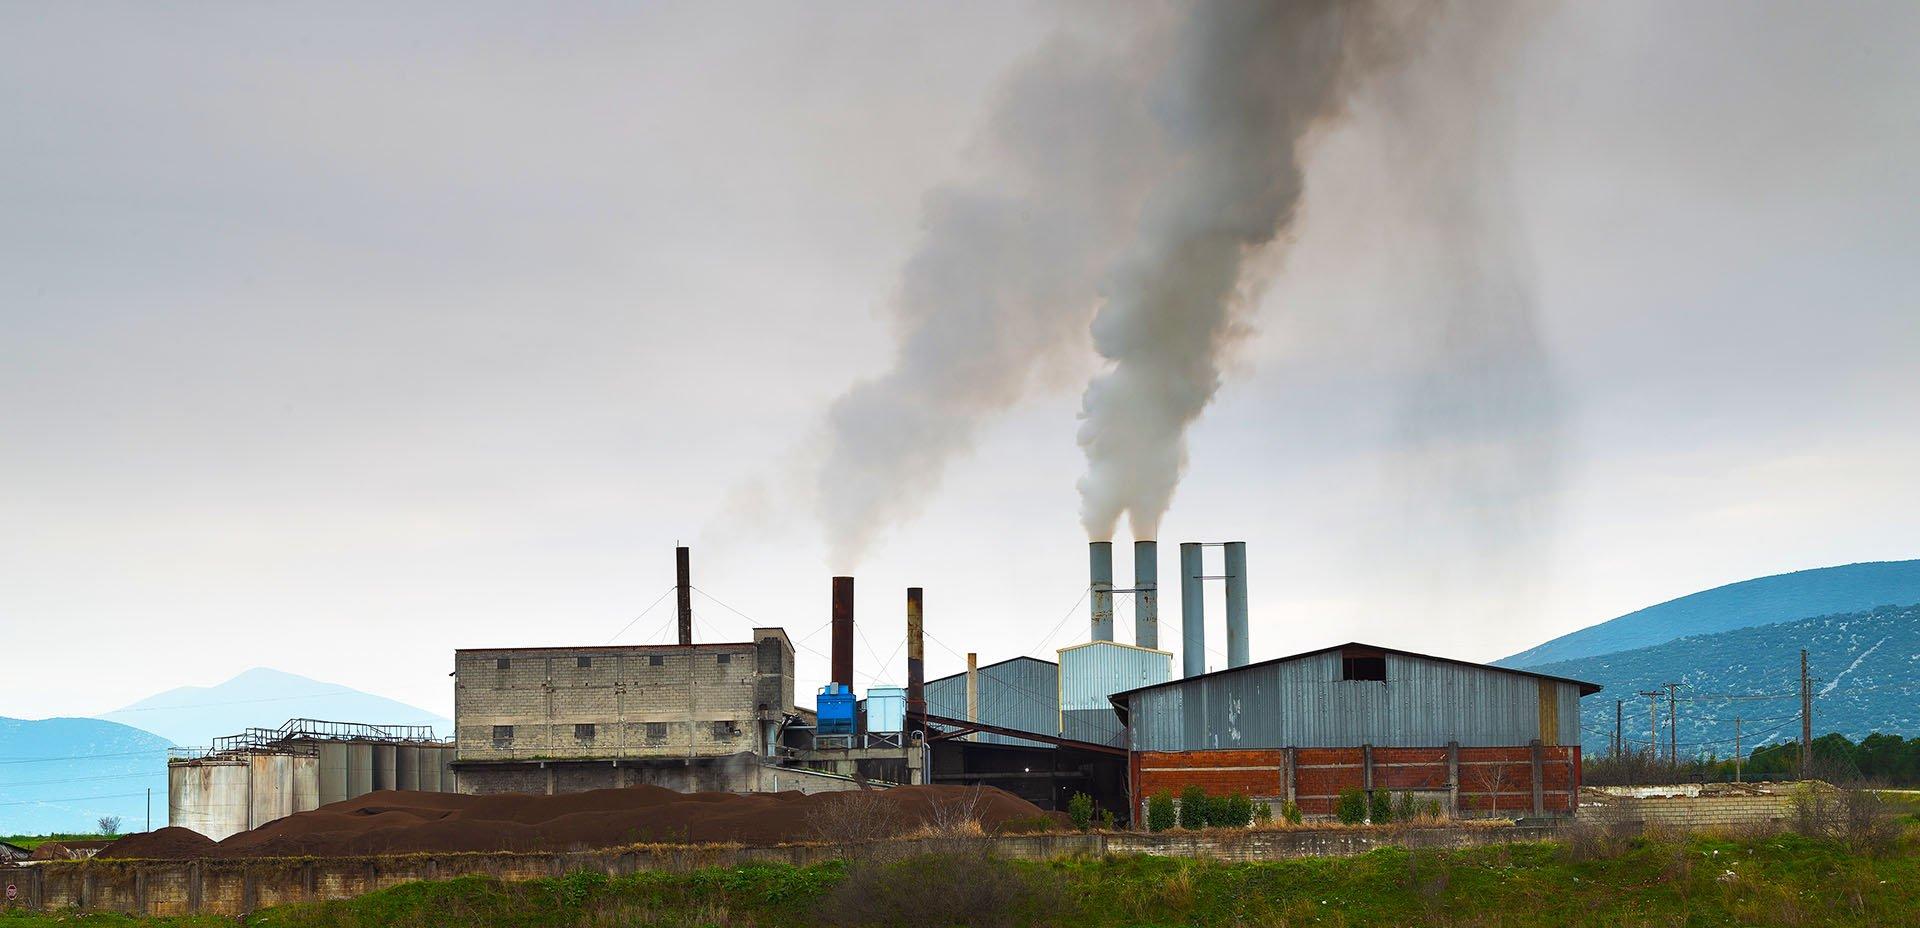 inquinamento dalle fabbriche